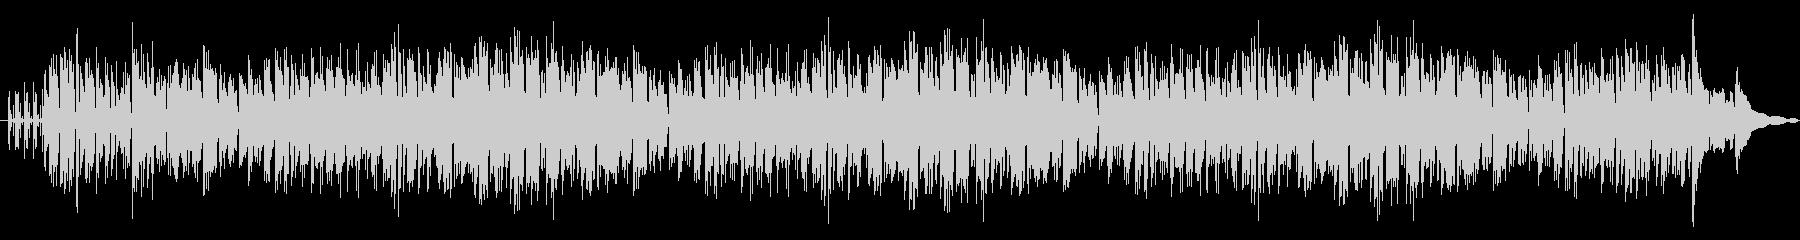 アコーディオンの音色が心地良いボサノヴァの未再生の波形